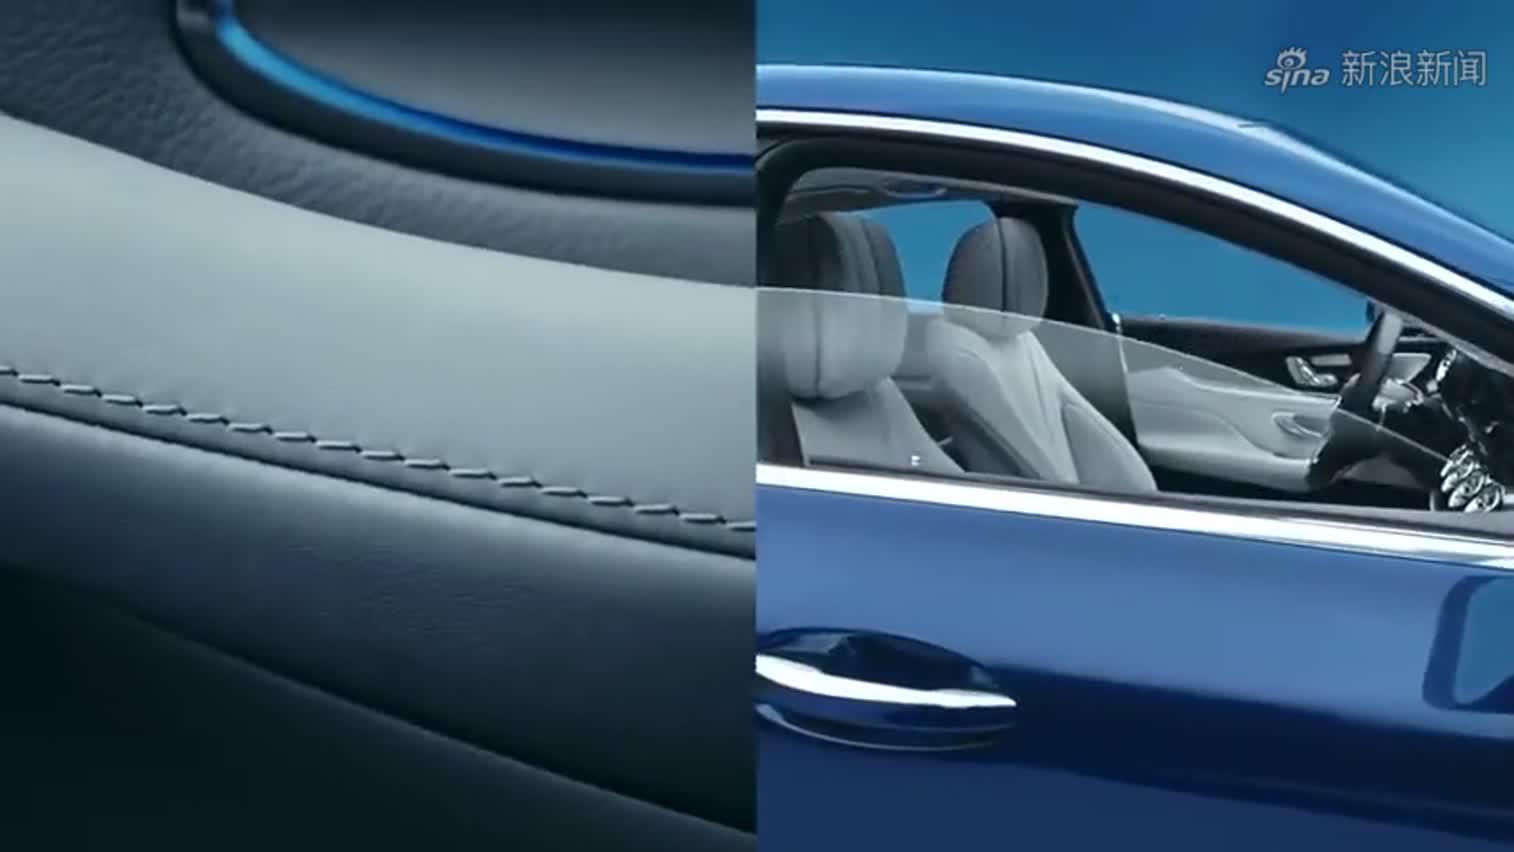 视频:更优雅更运动!全新2022款奔驰CLS和CLS 53 AMG外观内饰抢先看